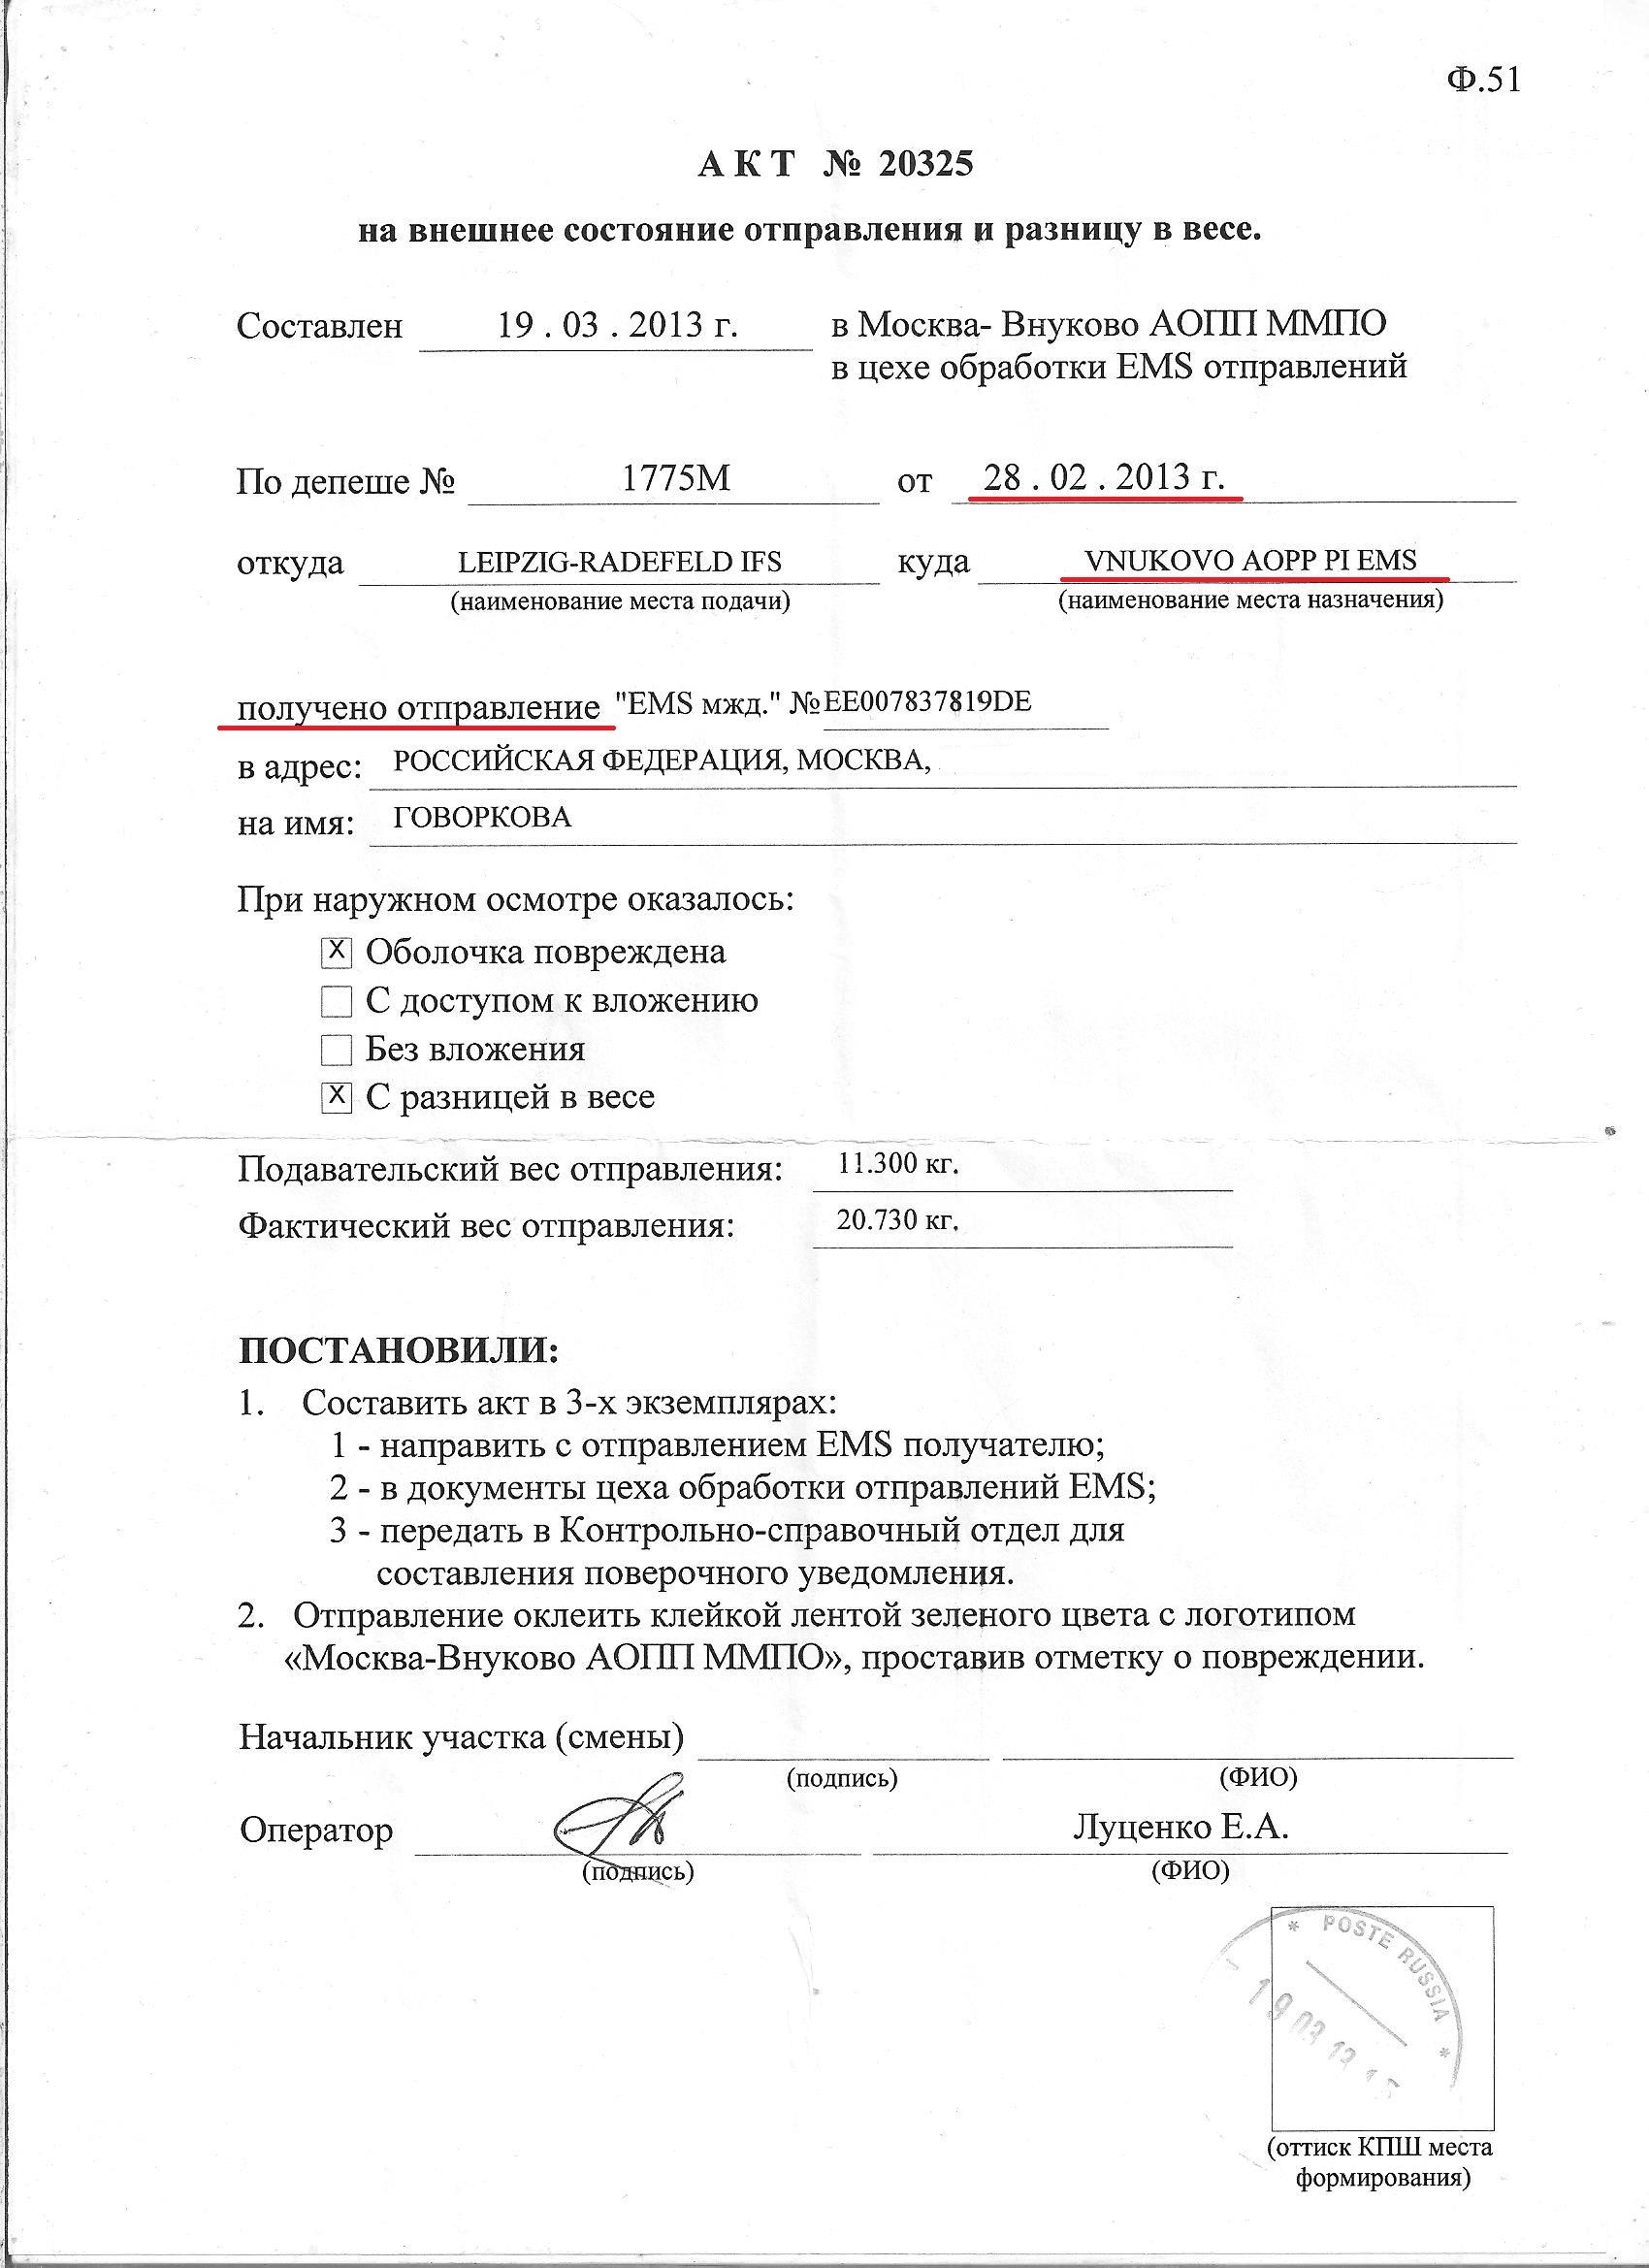 Заявление на розыск рпо - 4d